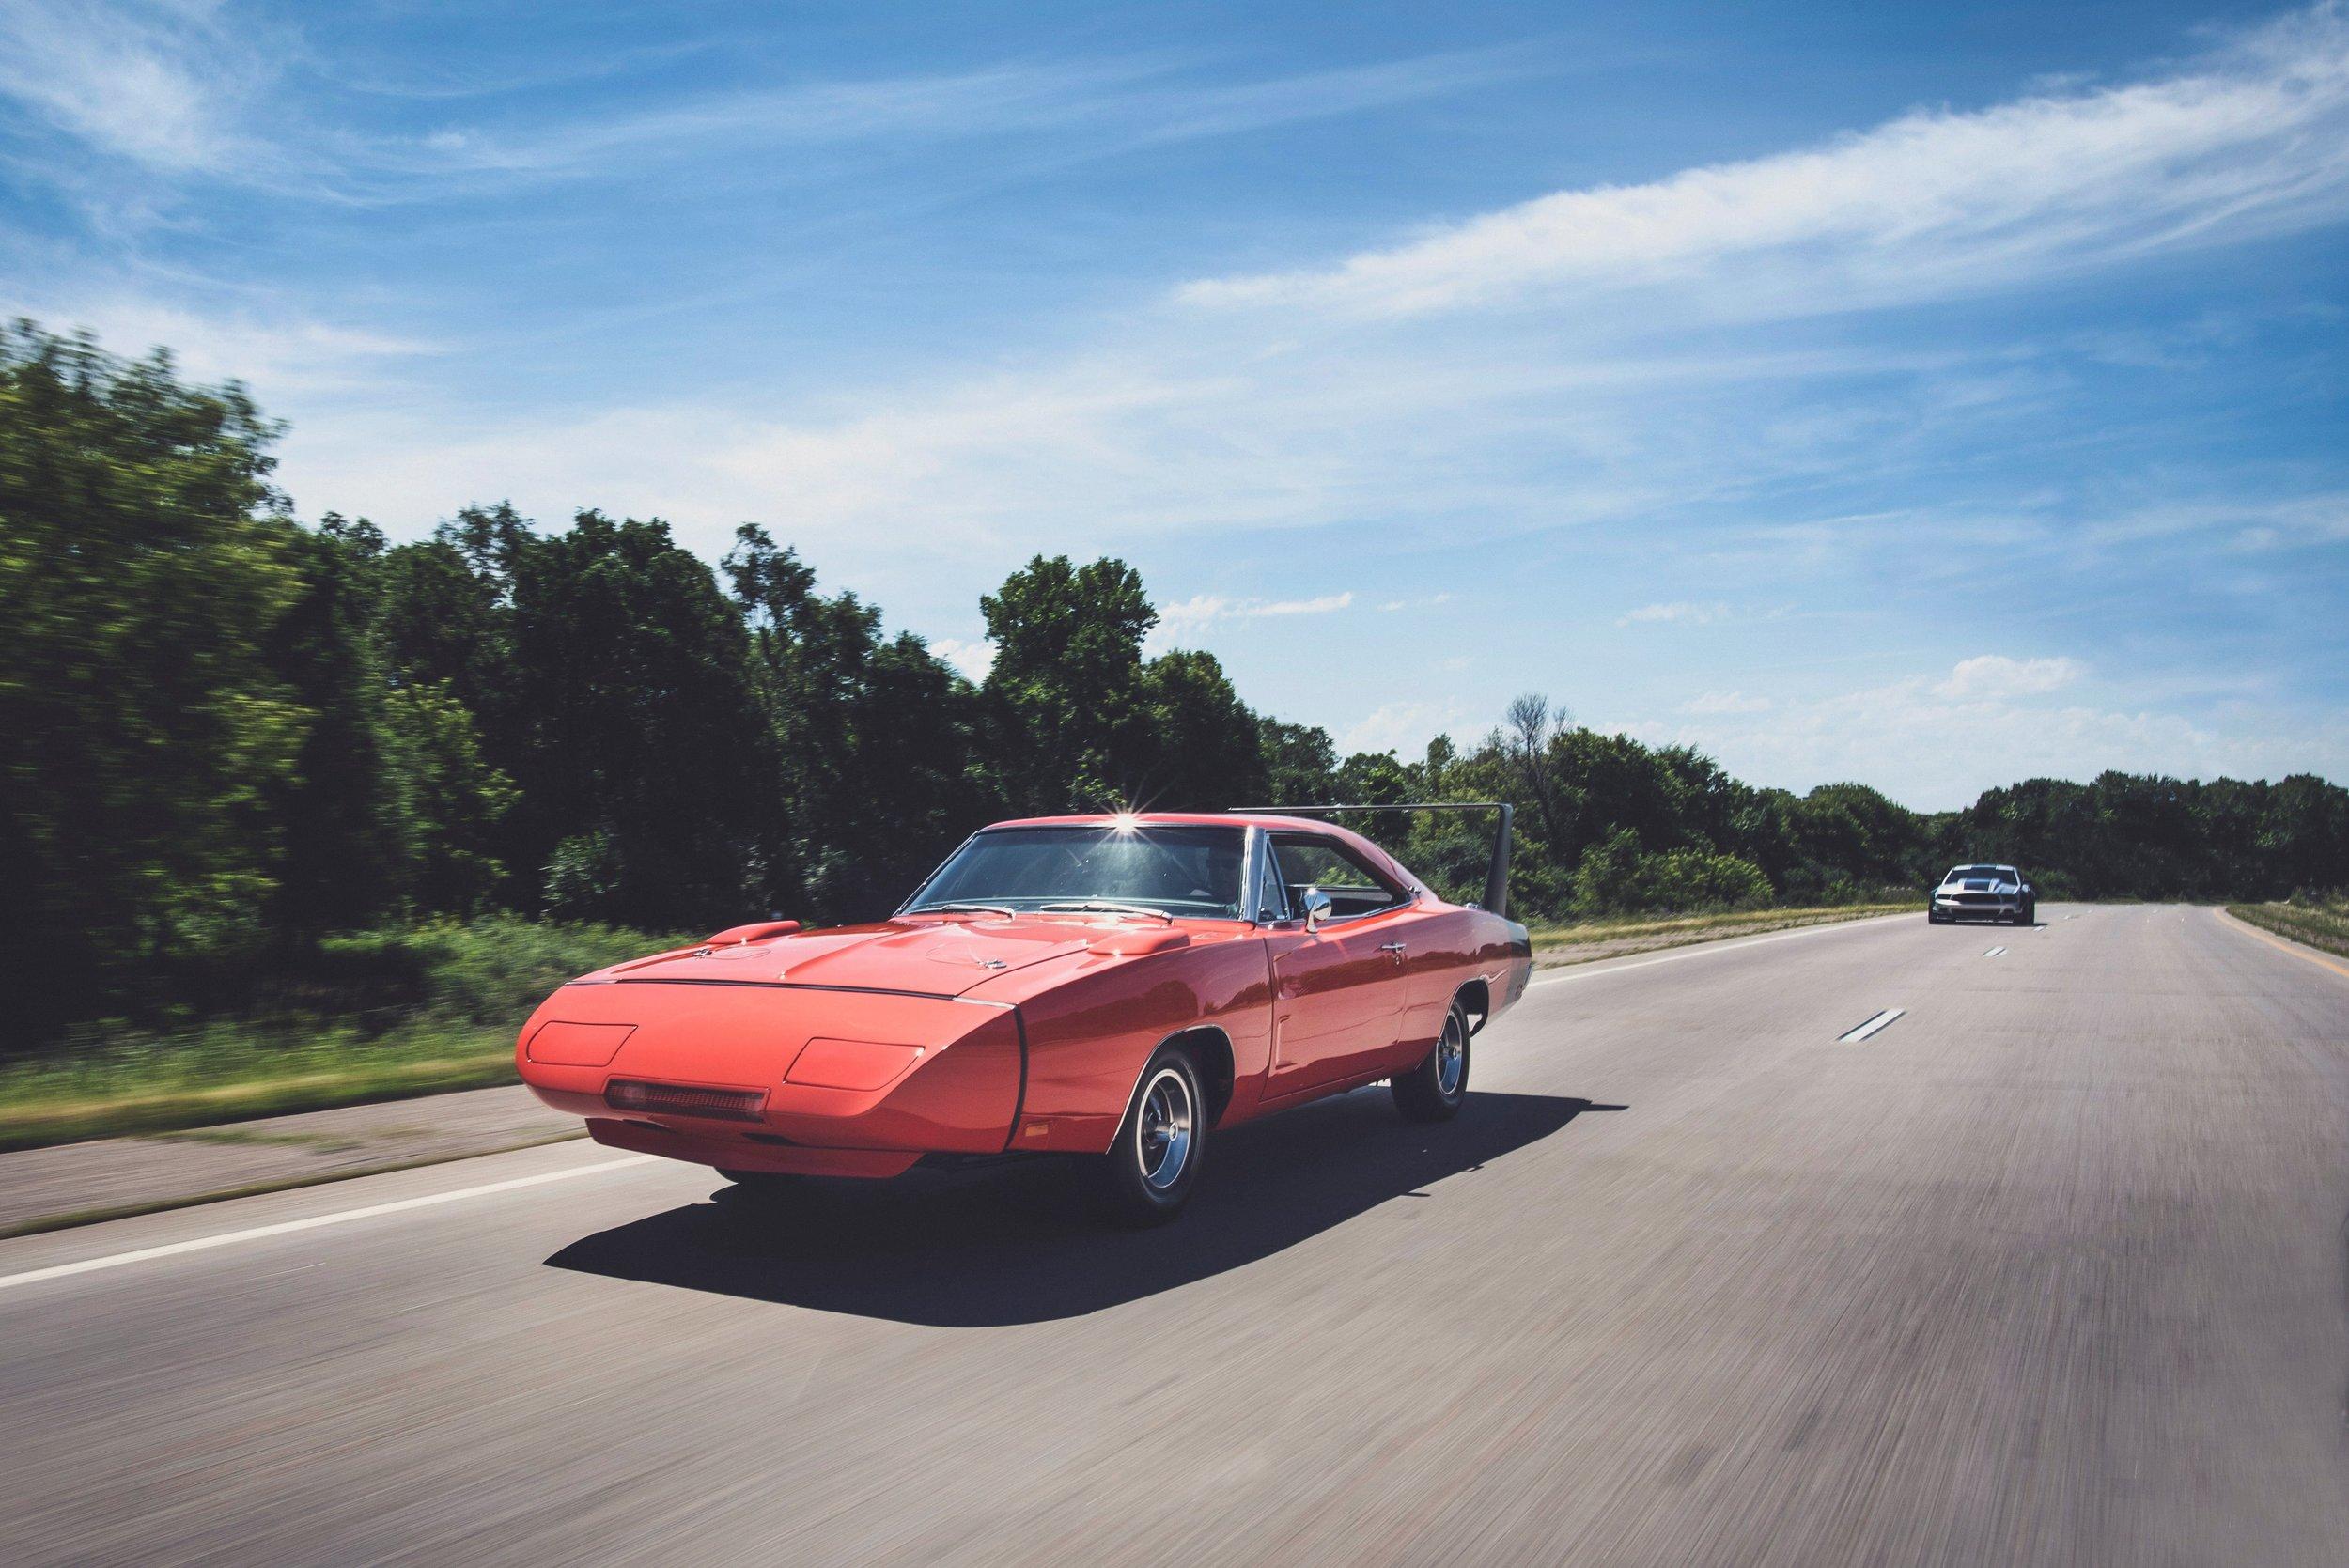 Erik Blume Dodge Daytone Carmmunity.jpg